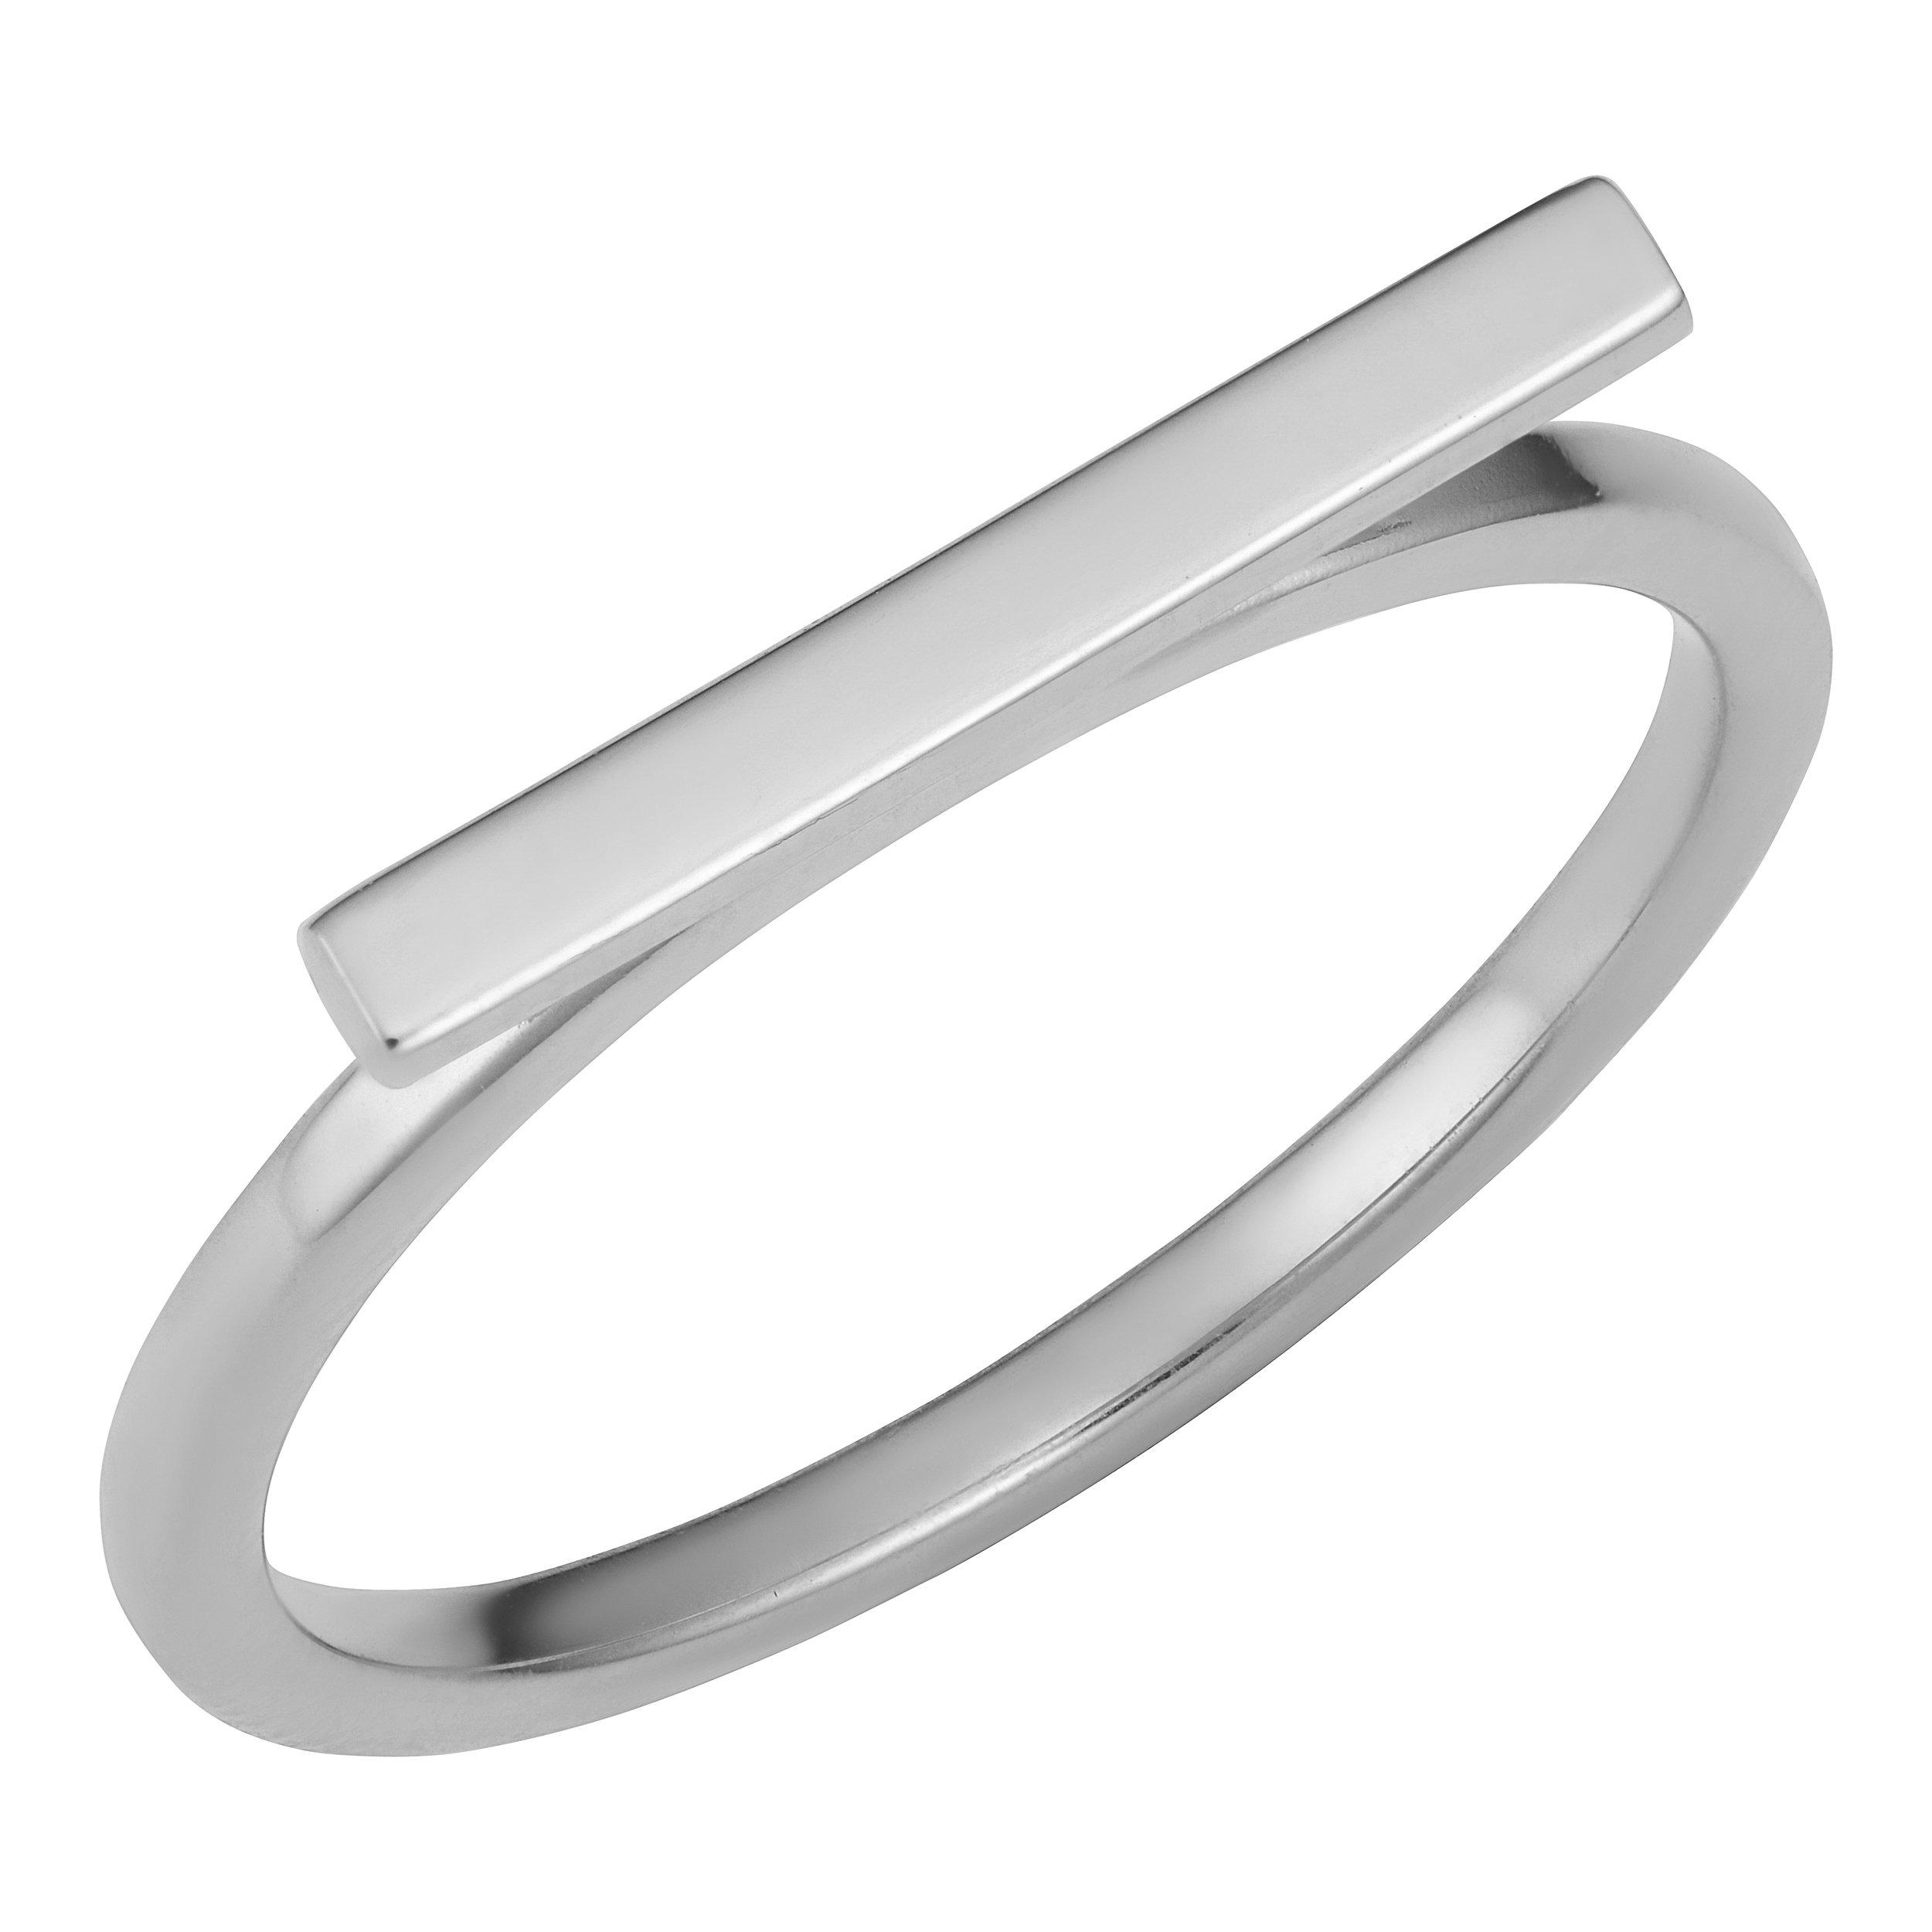 14k White Gold Horizontal Bar Ring (size 9)